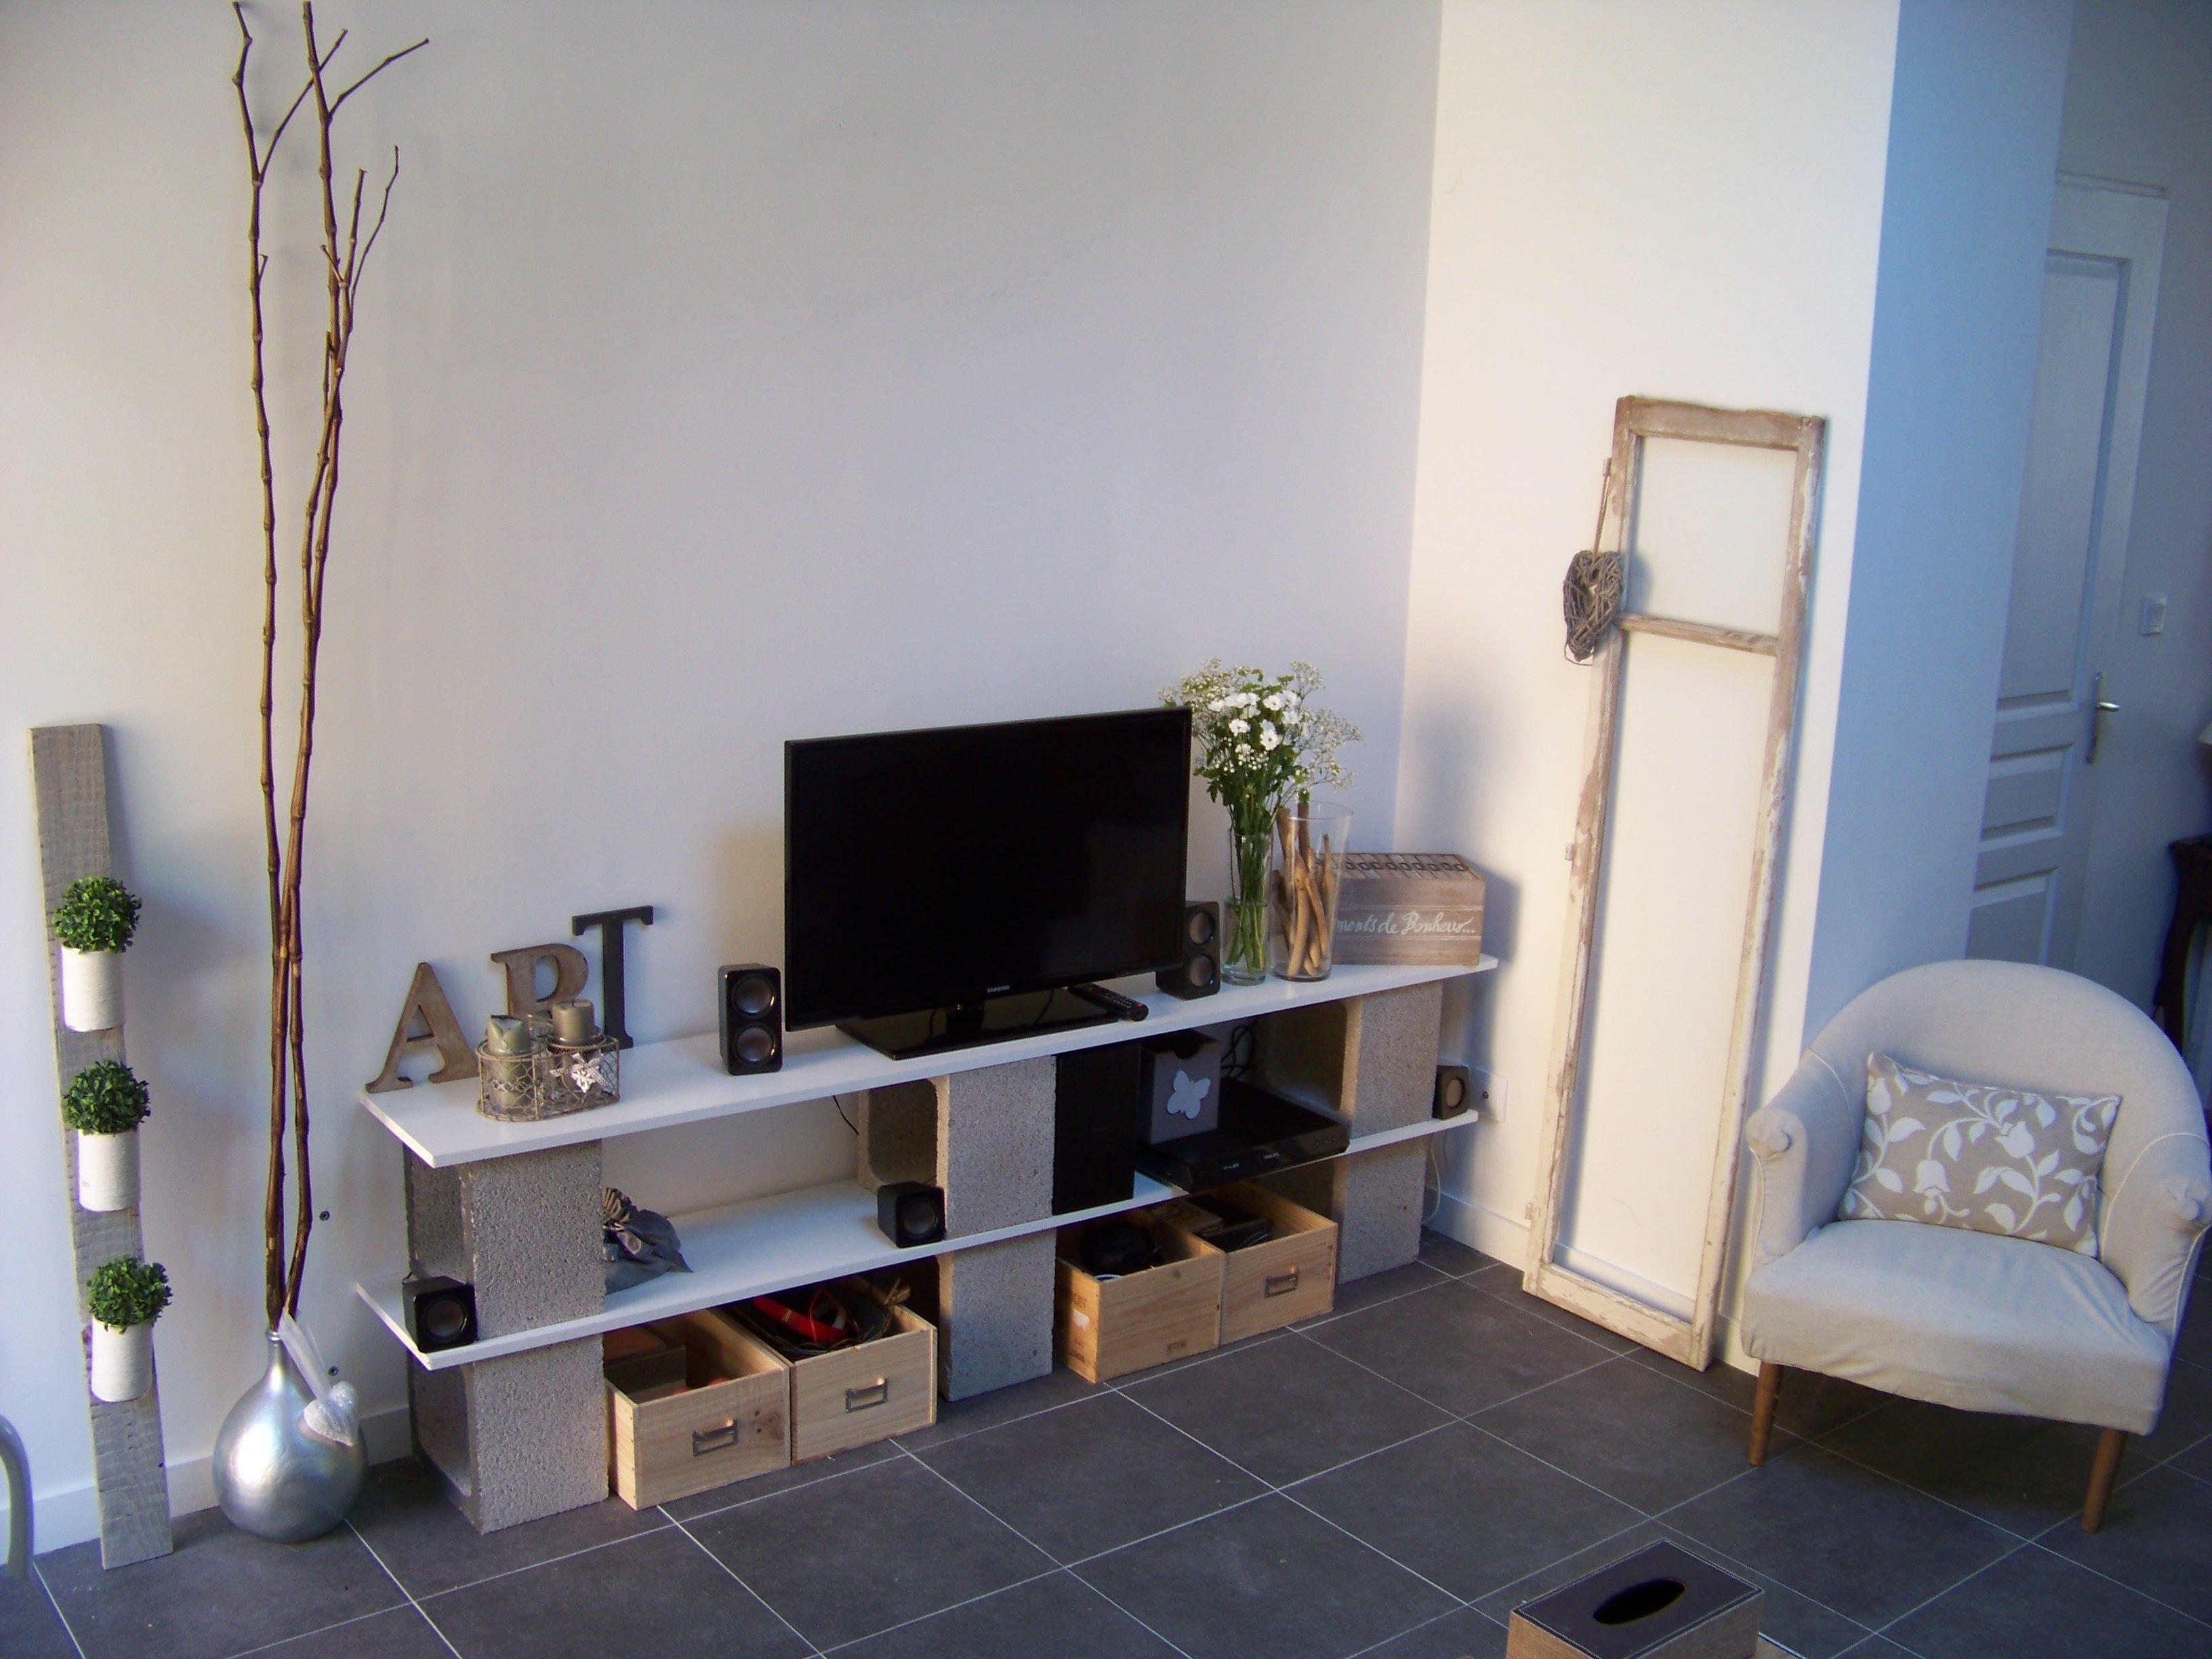 Meuble tele style industriel meuble t l - Meuble style industriel pas cher ...